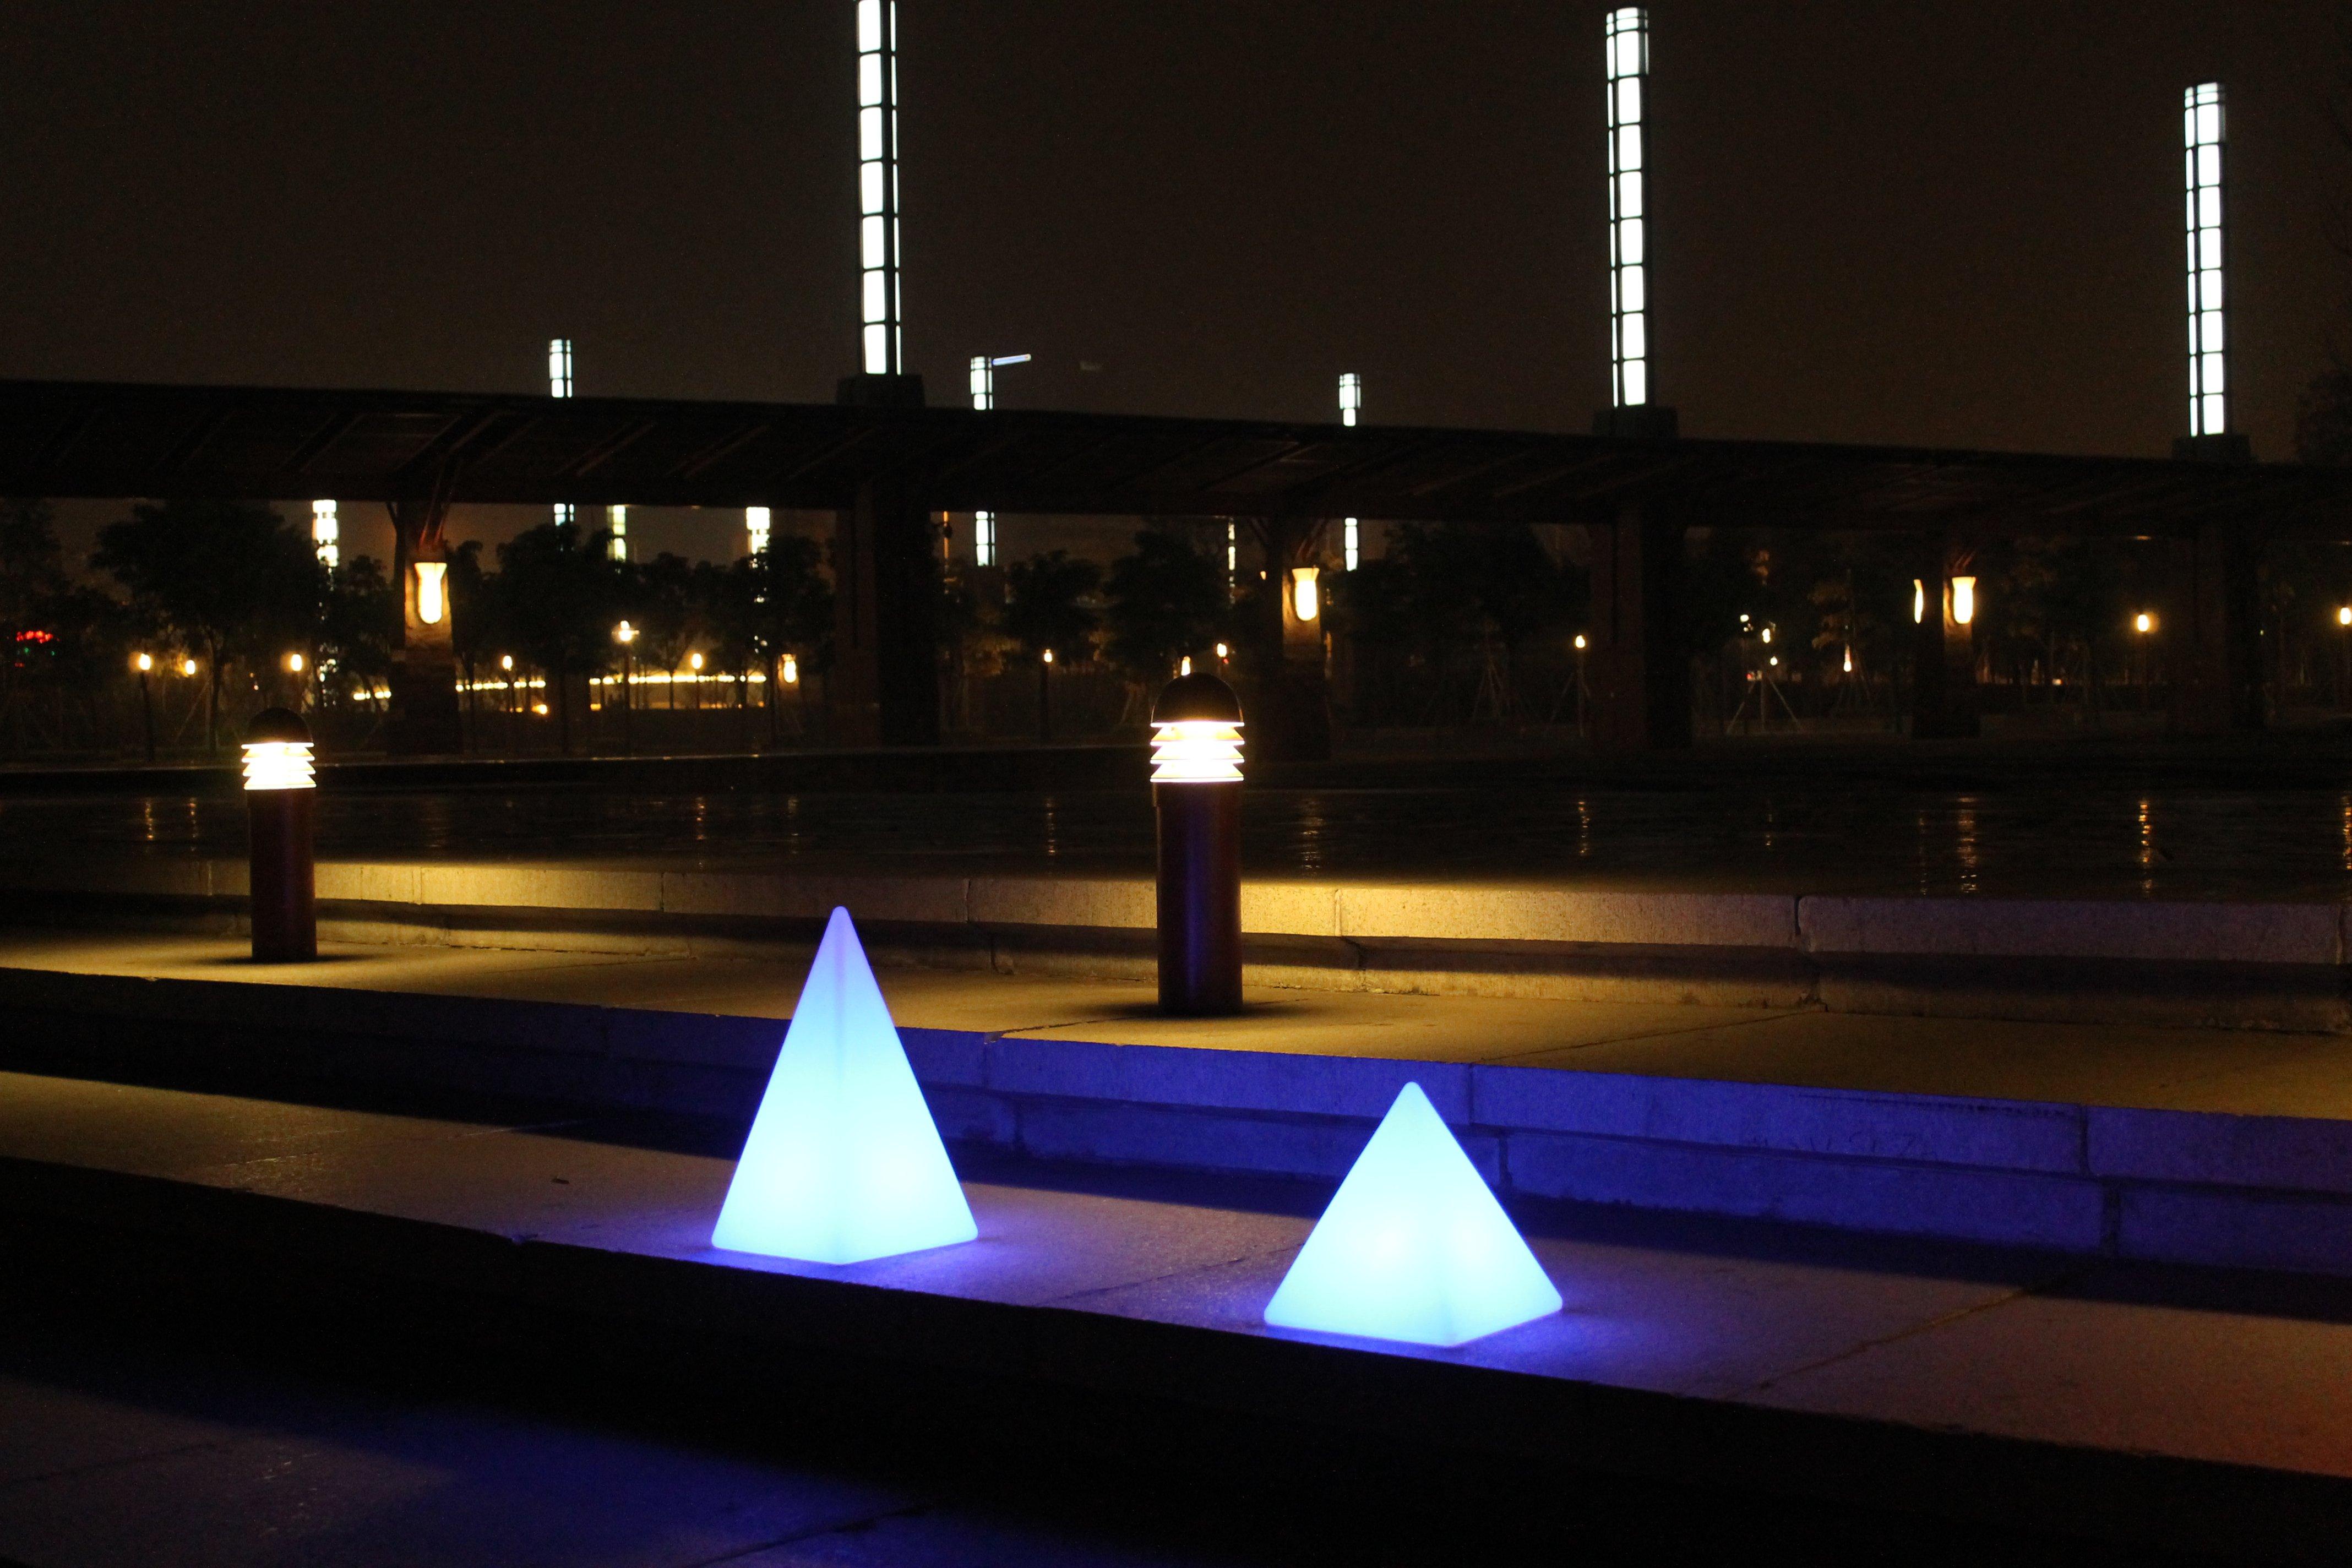 Kasvuhooned klaaskasvuhooned angaarid valgustus for Luminaire de jardin led